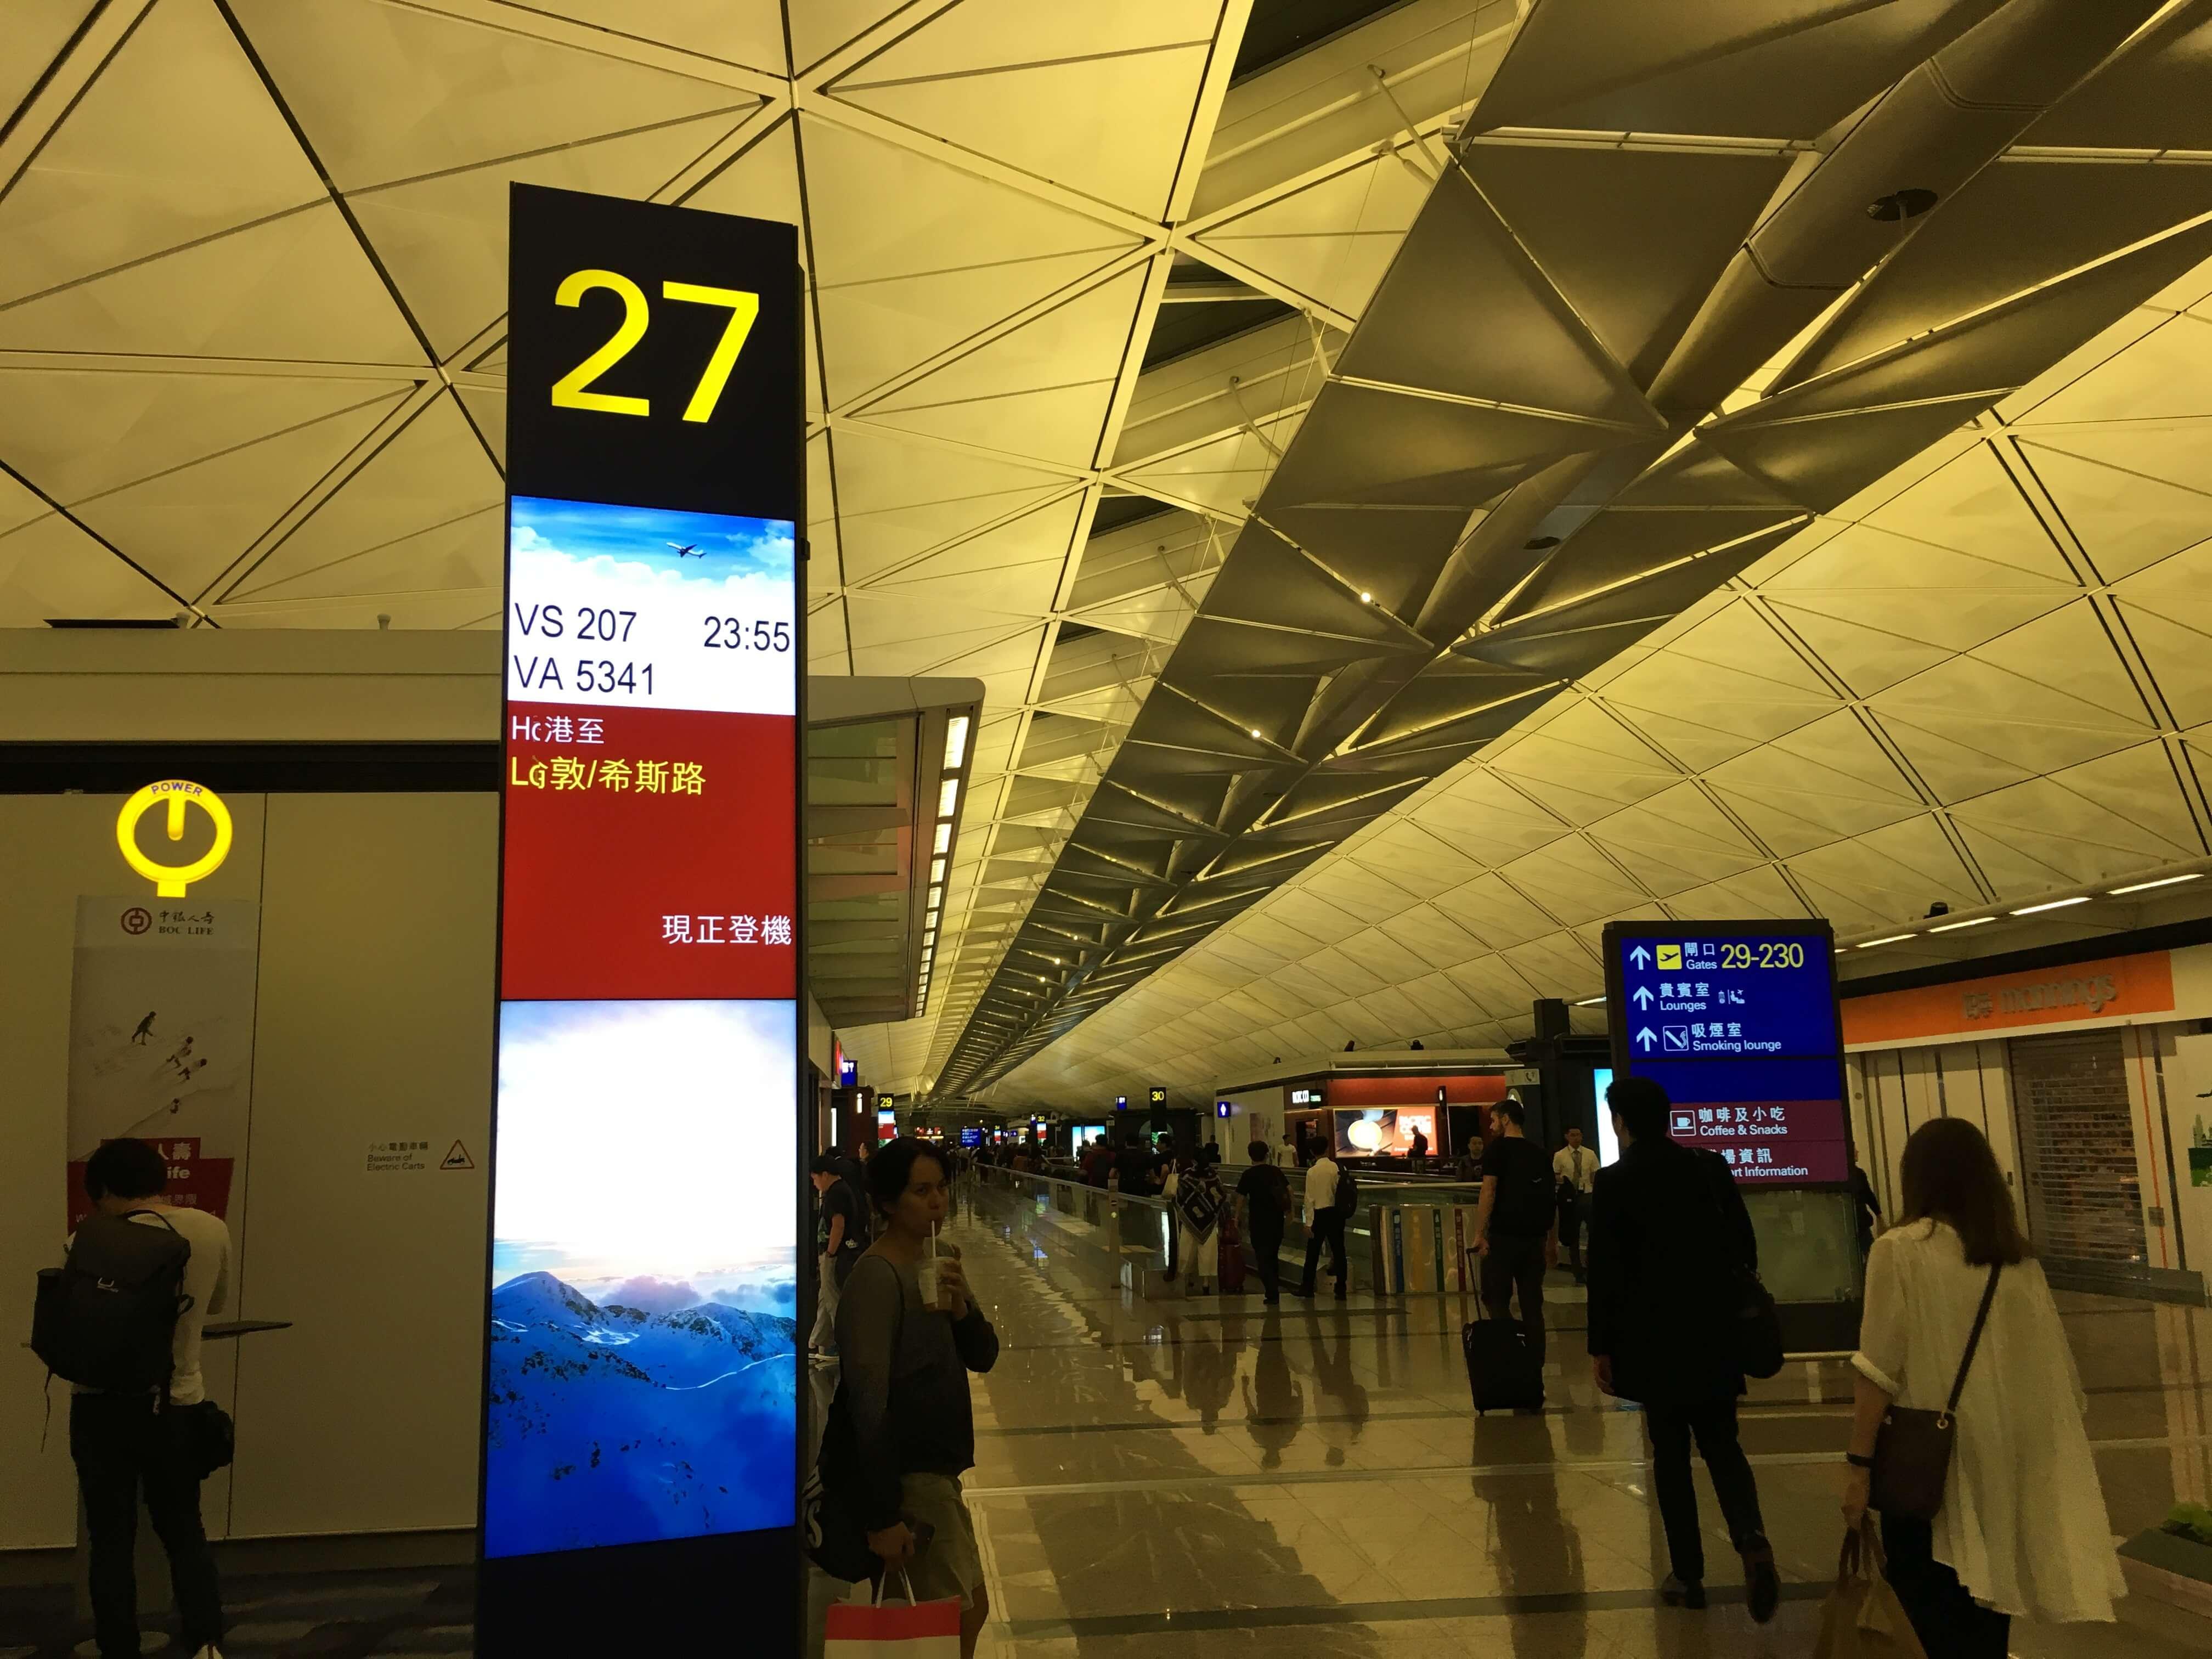 アコーホテルズのホテルブランド「Mギャラリー by ソフィテル」が香港にオープンします